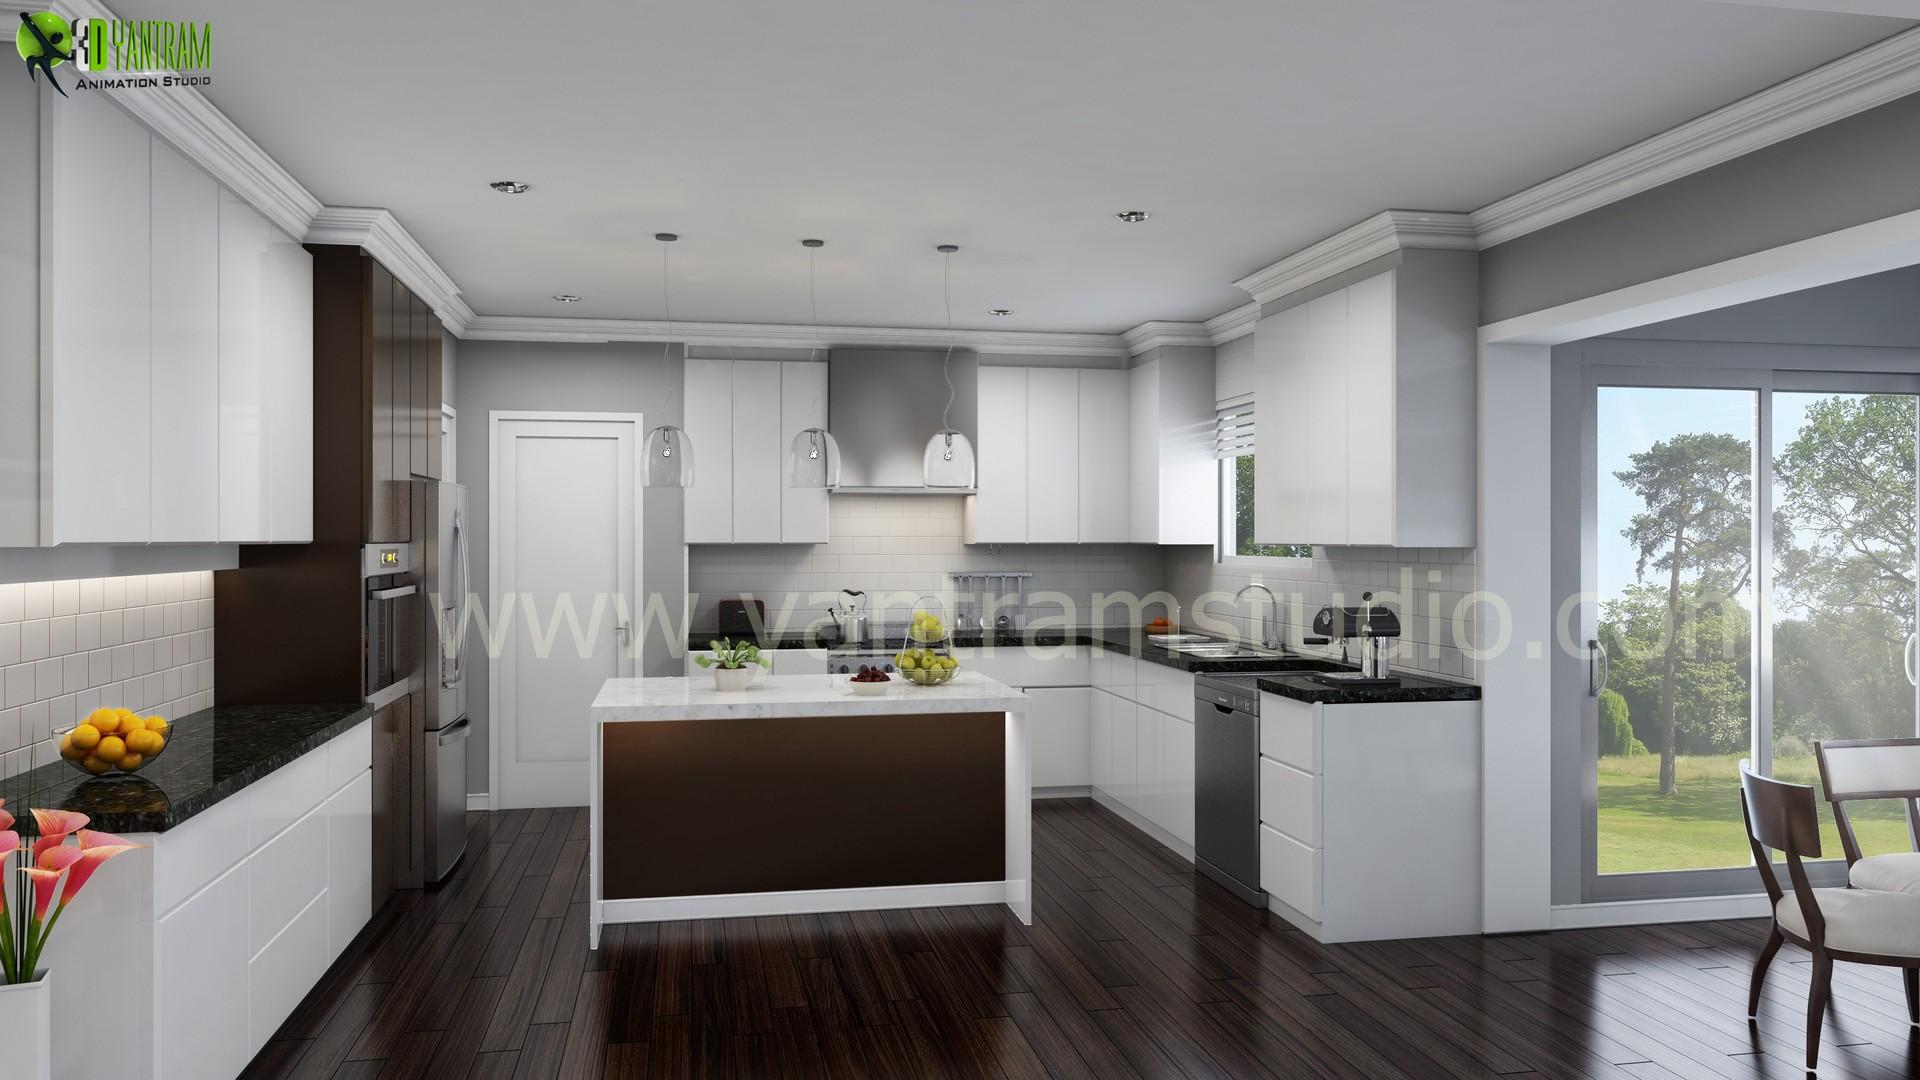 Artstation Modern 3d Kitchen Interior Design Paris Yantram Architectural Design Studio